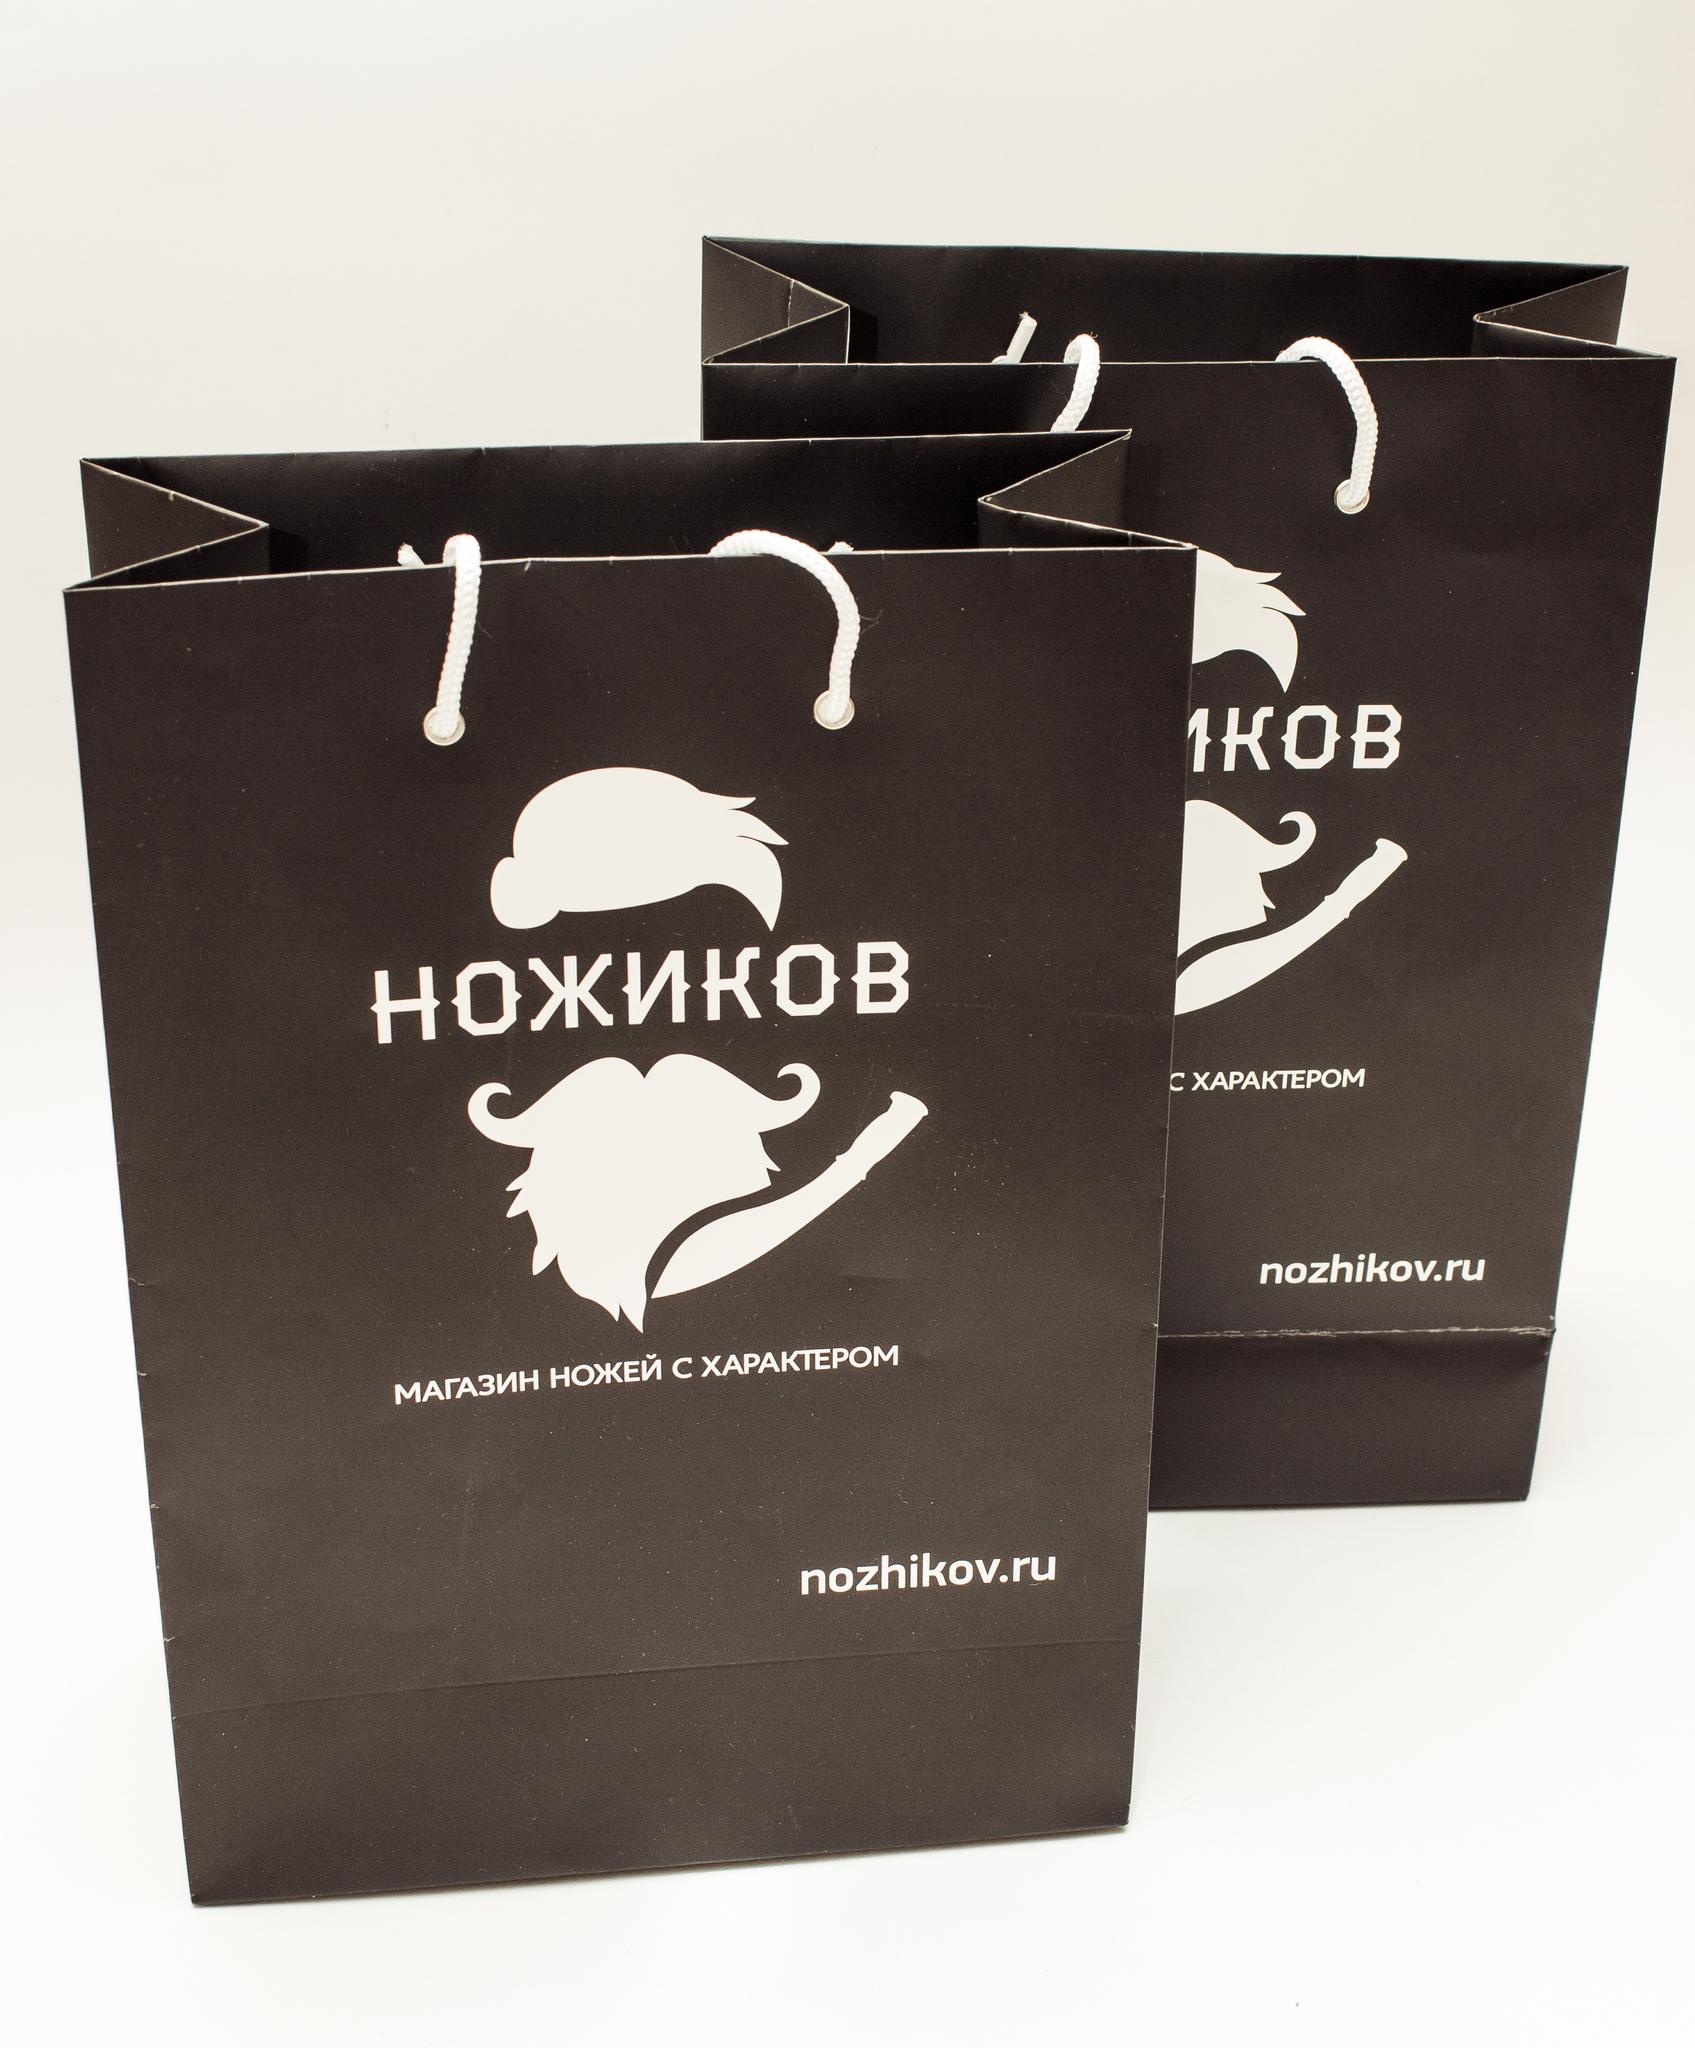 Подарочный пакет от Nozhikov